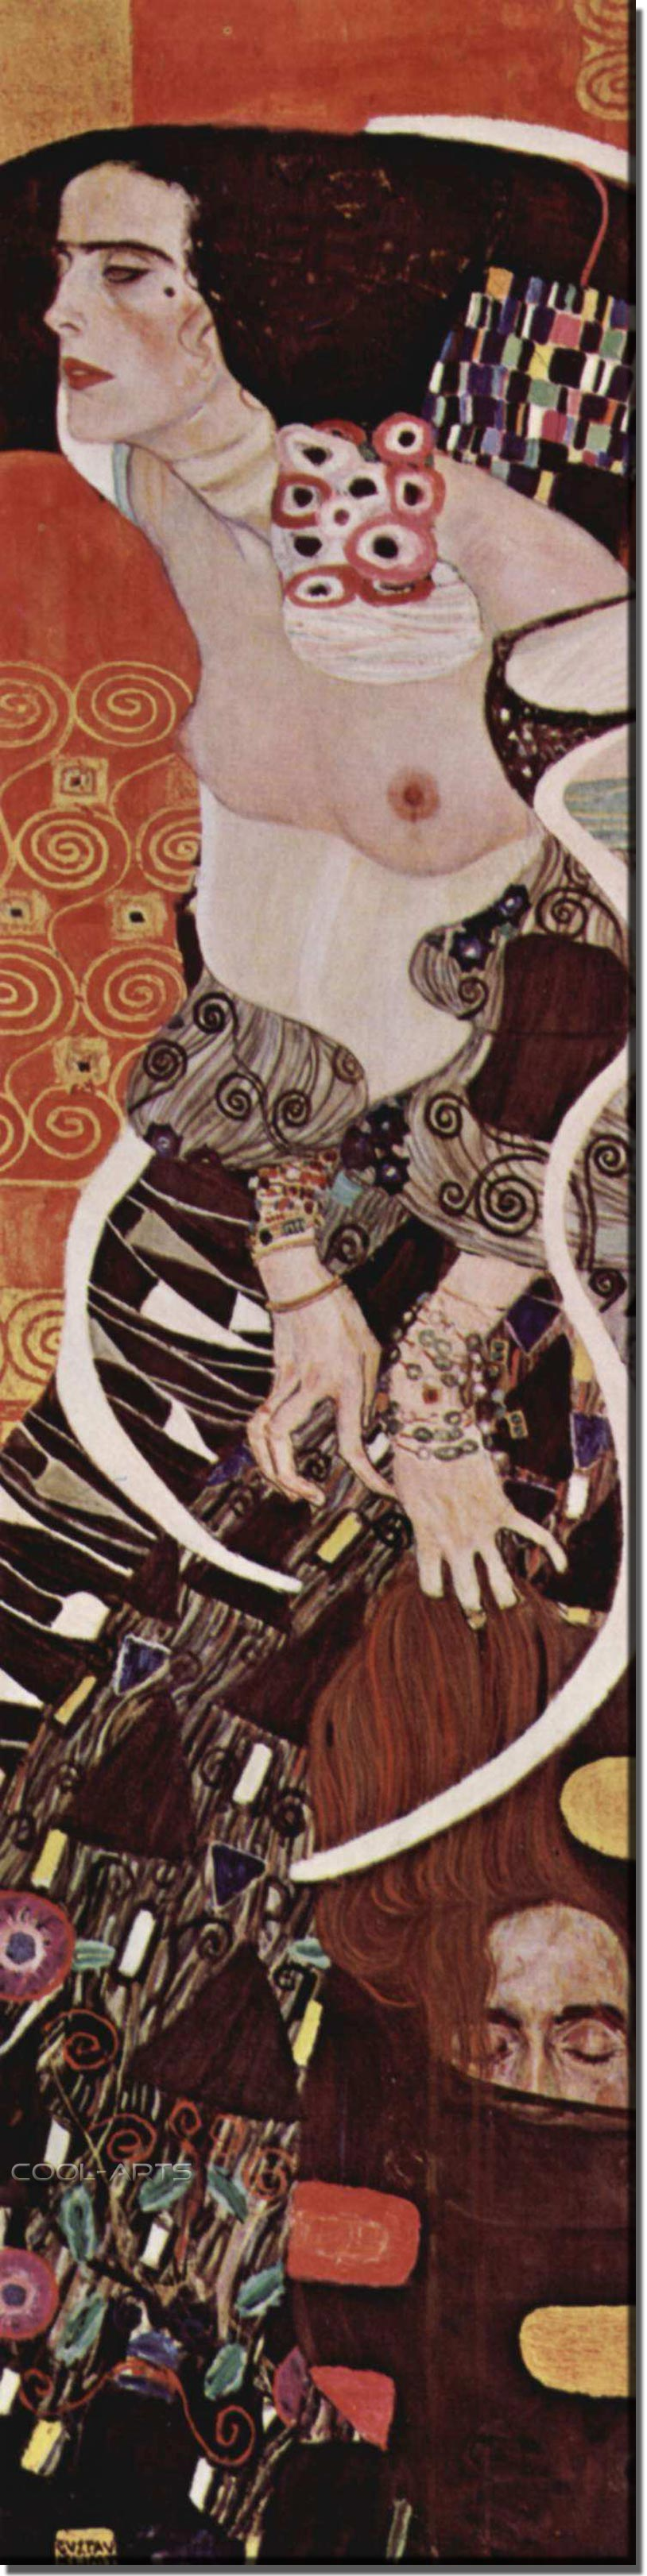 картина Юдифь :: Густав Климт (Австрия ), плюс статья  - Новый год в Турции - не только покупка шубы - Gustav Klimt (Климт Густав ) фото